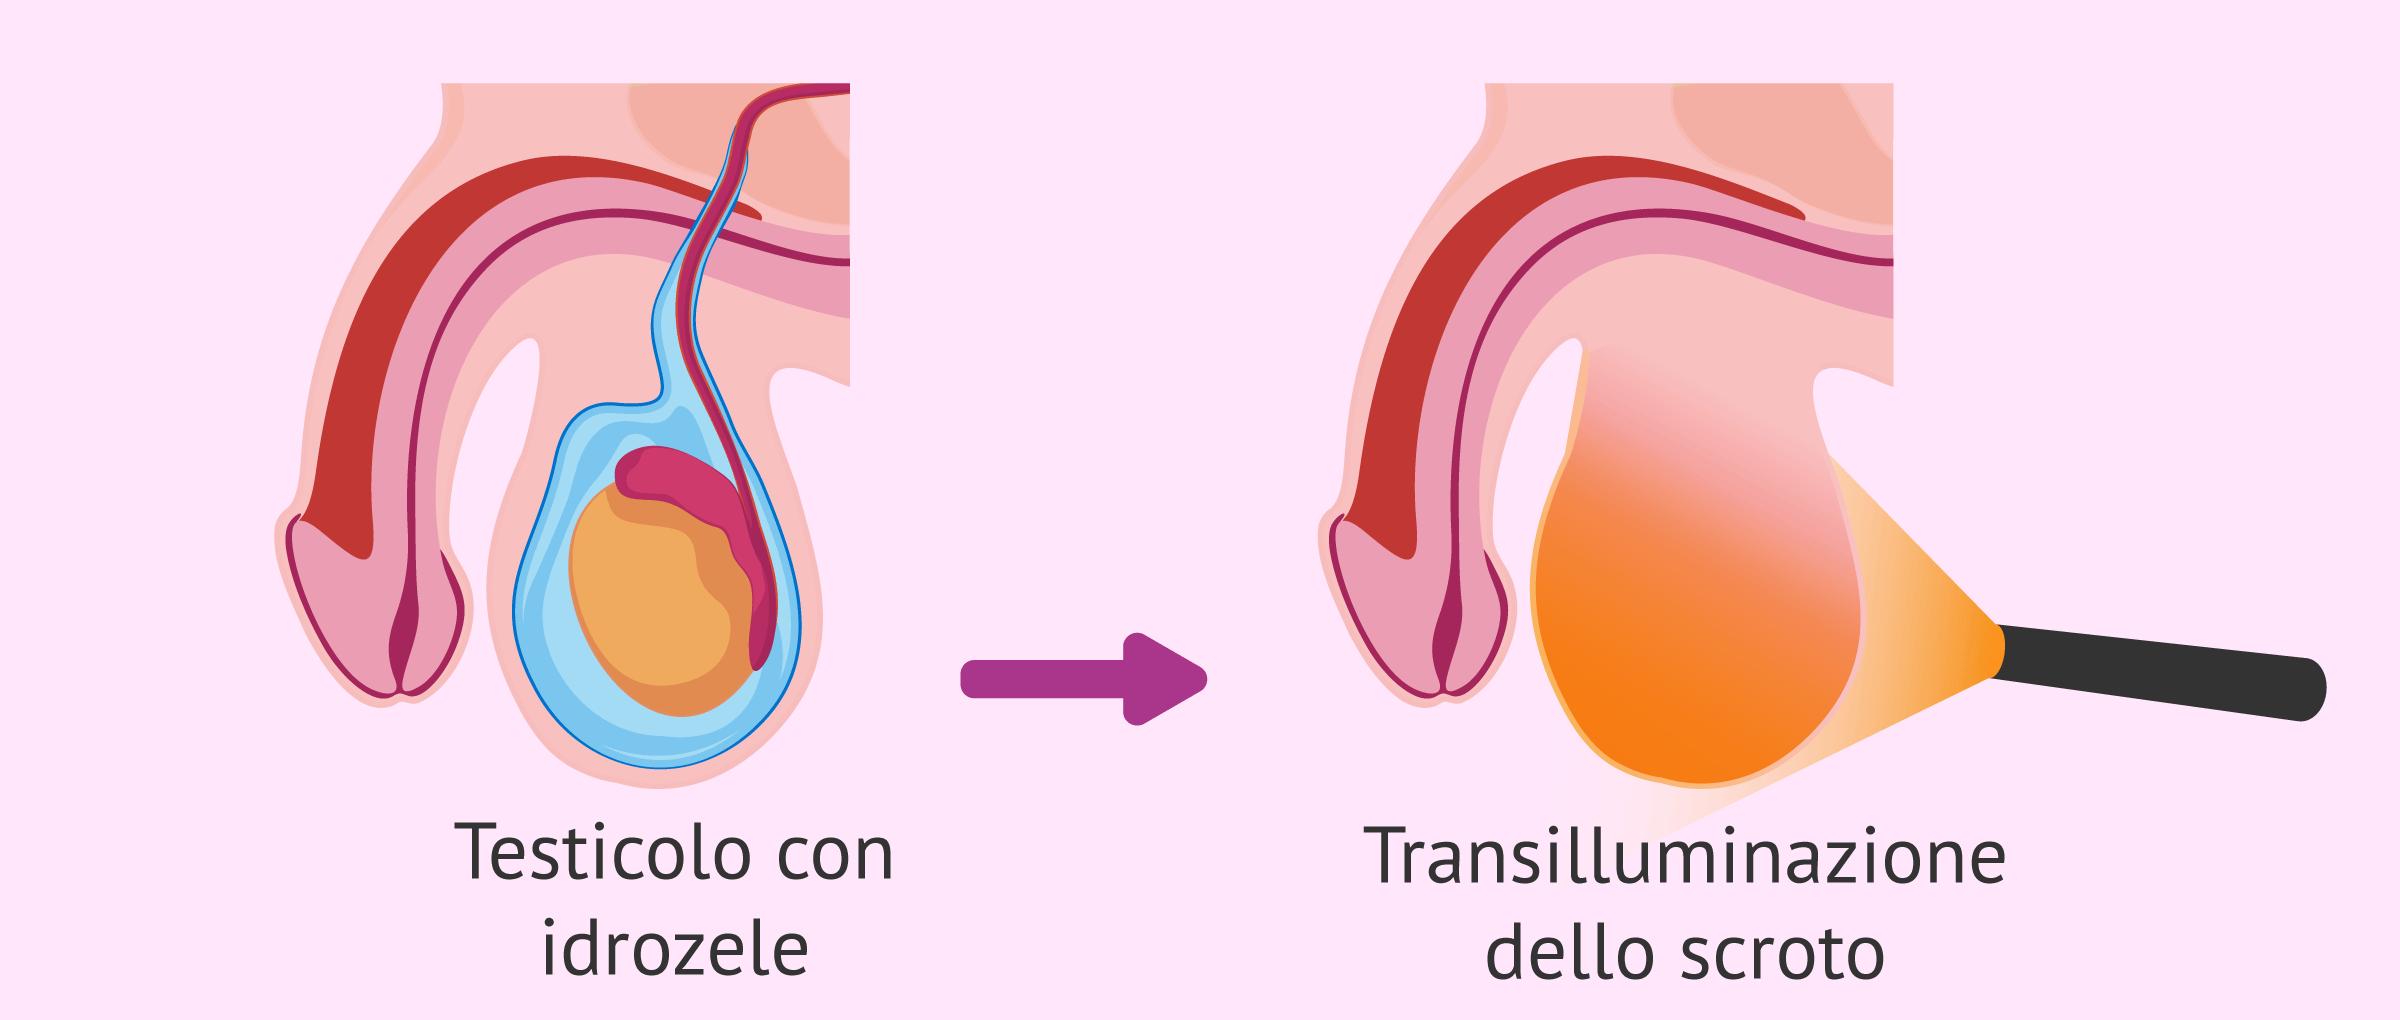 Cos'è l'idrocele testicolare? - Cause, sintomi e trattamento